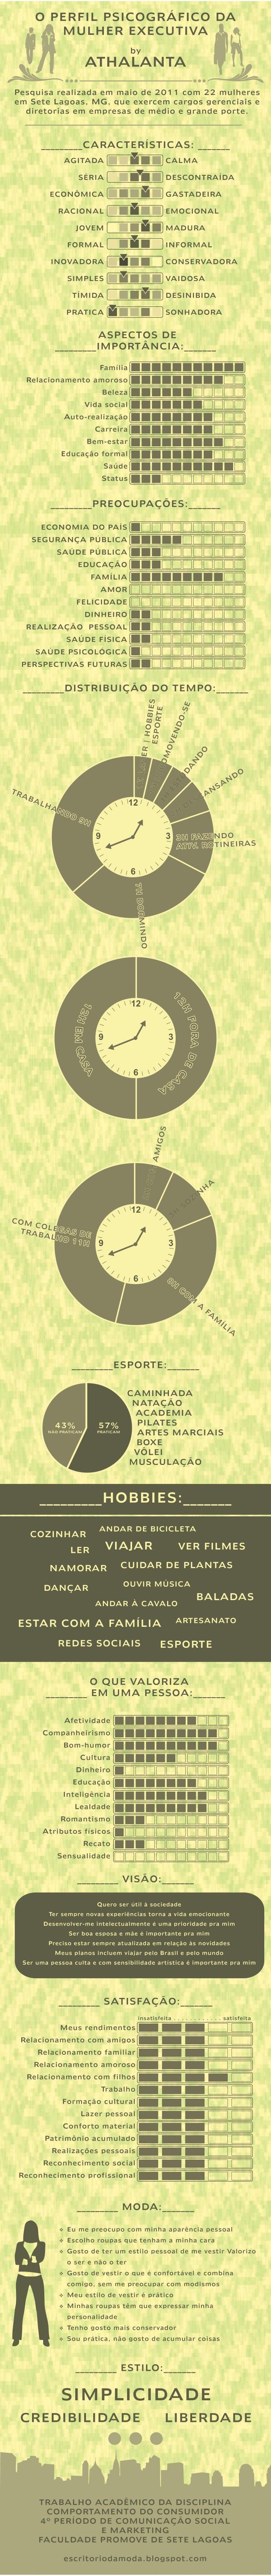 Infográfico Perfil Psicografico da Mulher Executiva